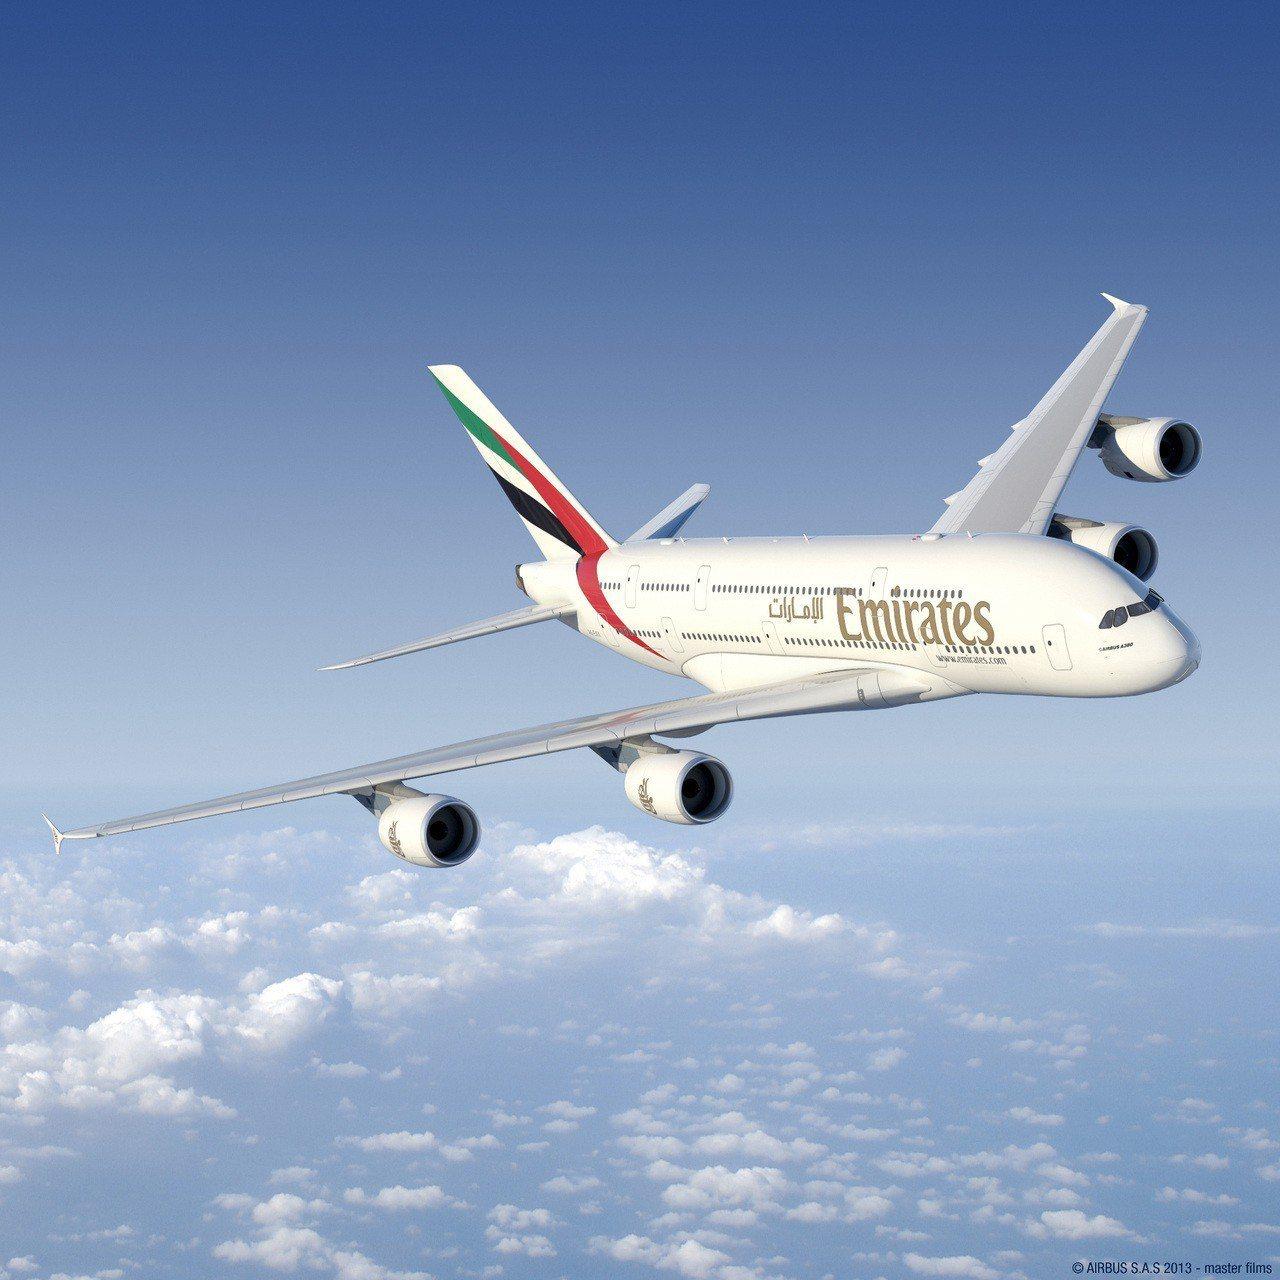 阿聯酋航空歡慶進駐台灣市場五周年,為感謝台灣旅客的支持,特別推出優惠機票,邀請旅...